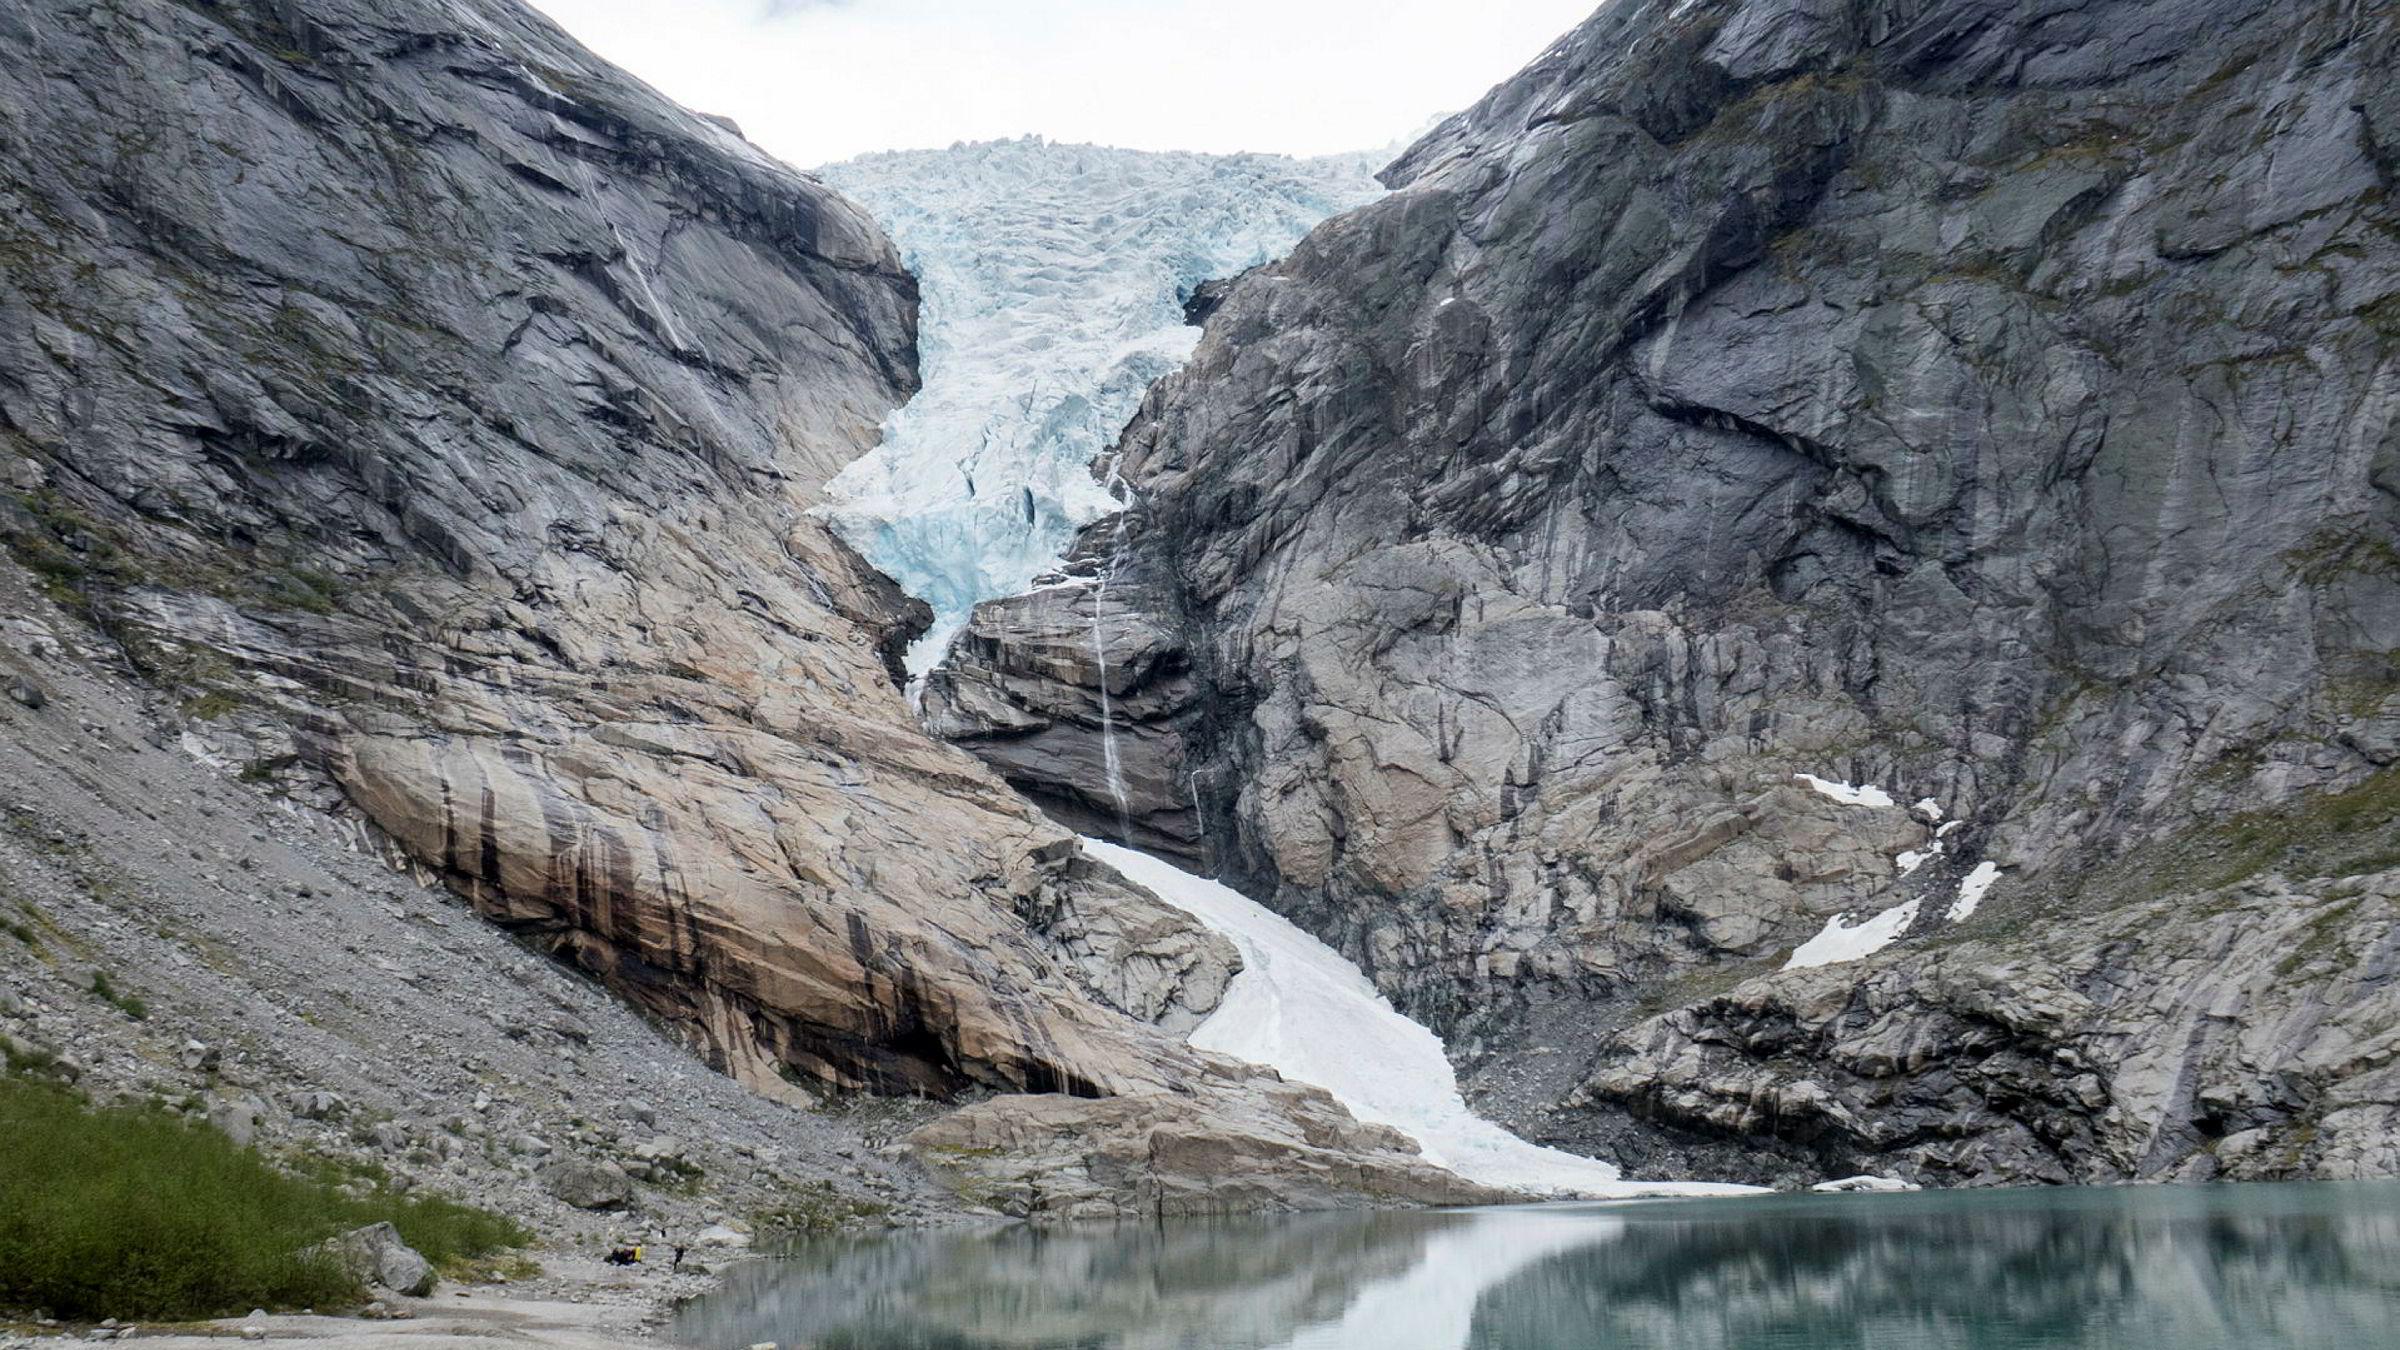 Her i landet vil vi flere steder få kortere vintersesonger og mindre snø, og isbreer som smelter. For eksempel har turistmålet Briksdalsbreen i Sogn og Fjordane krympet med over 800 meter siden midten av 1990-tallet, skriver artikkelforfatteren.